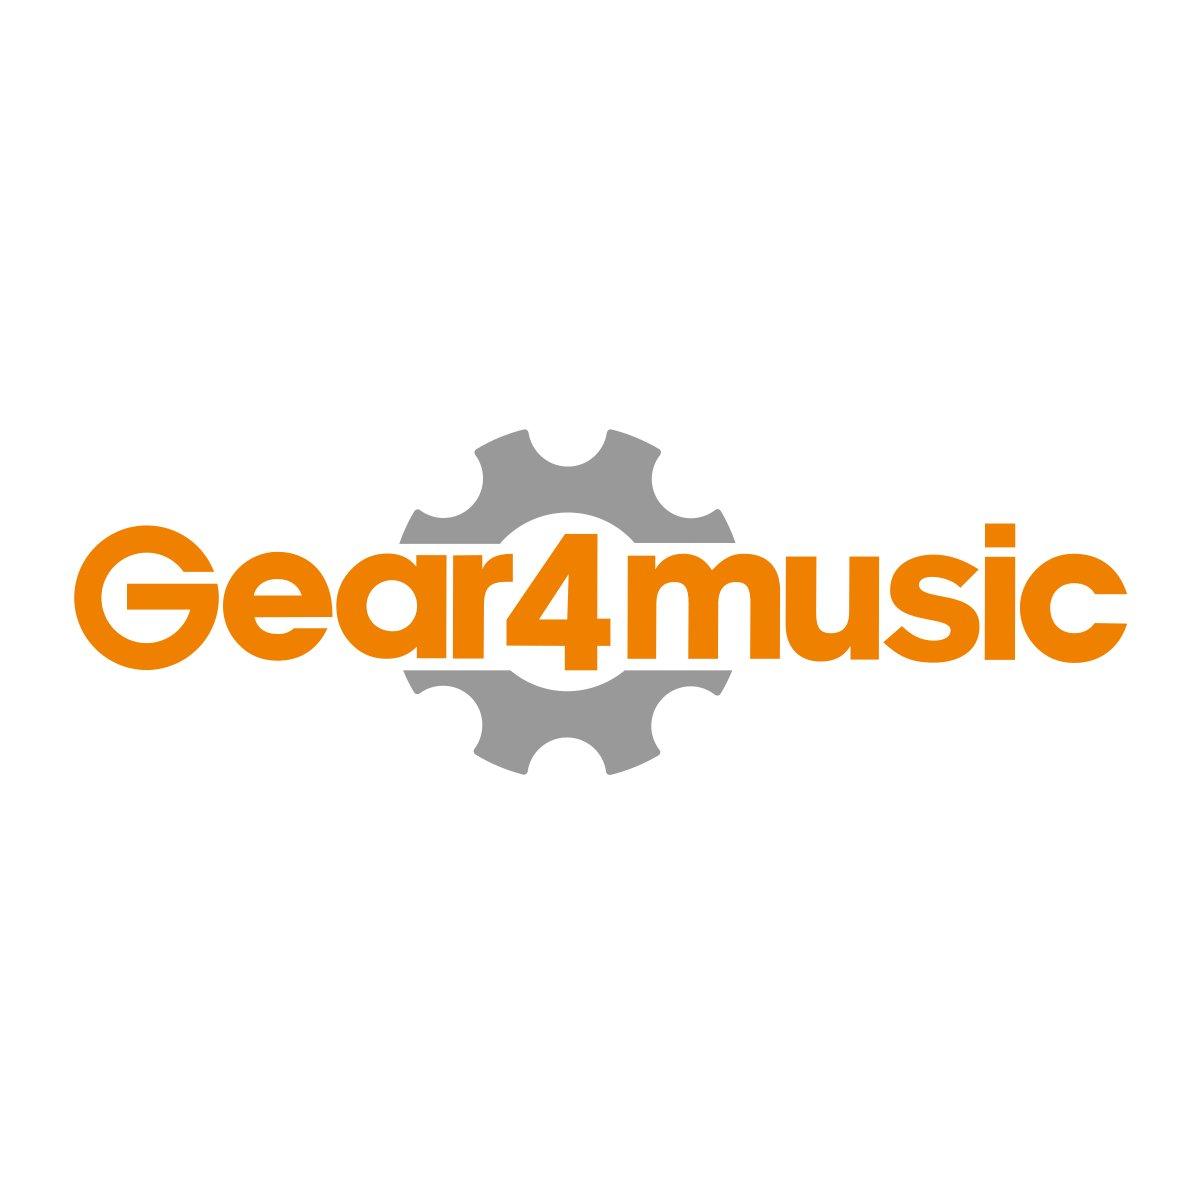 Étui Deluxe ajusté pour guitare électrique Gear4music